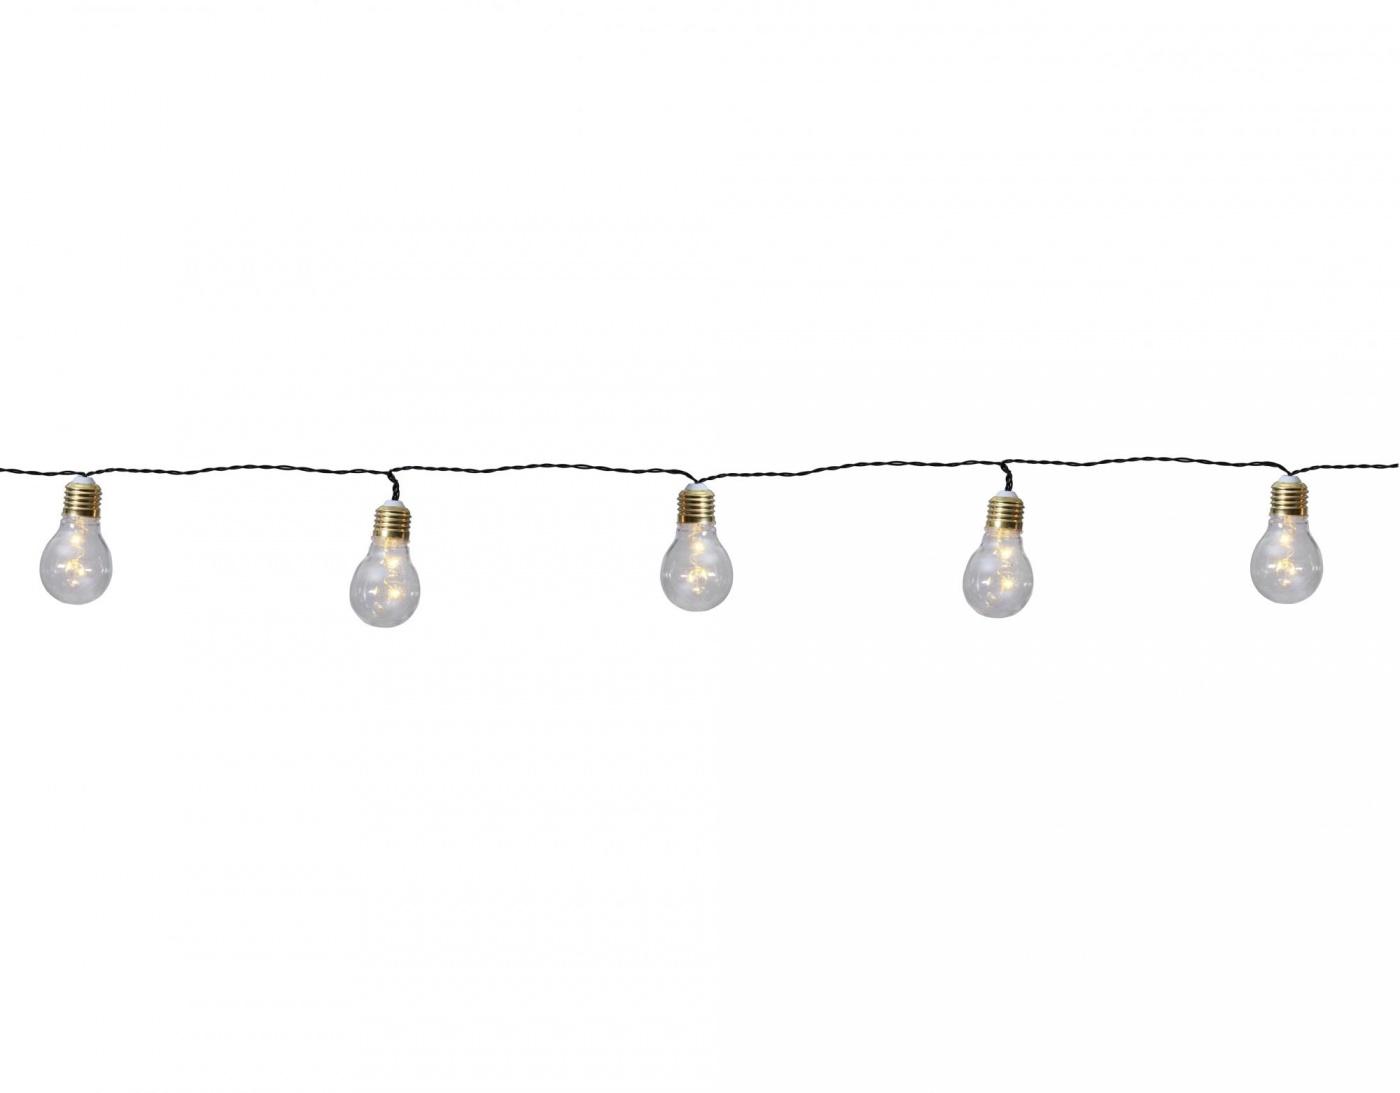 Ghirlanda luminoasa Silver Bulbs 100 cm